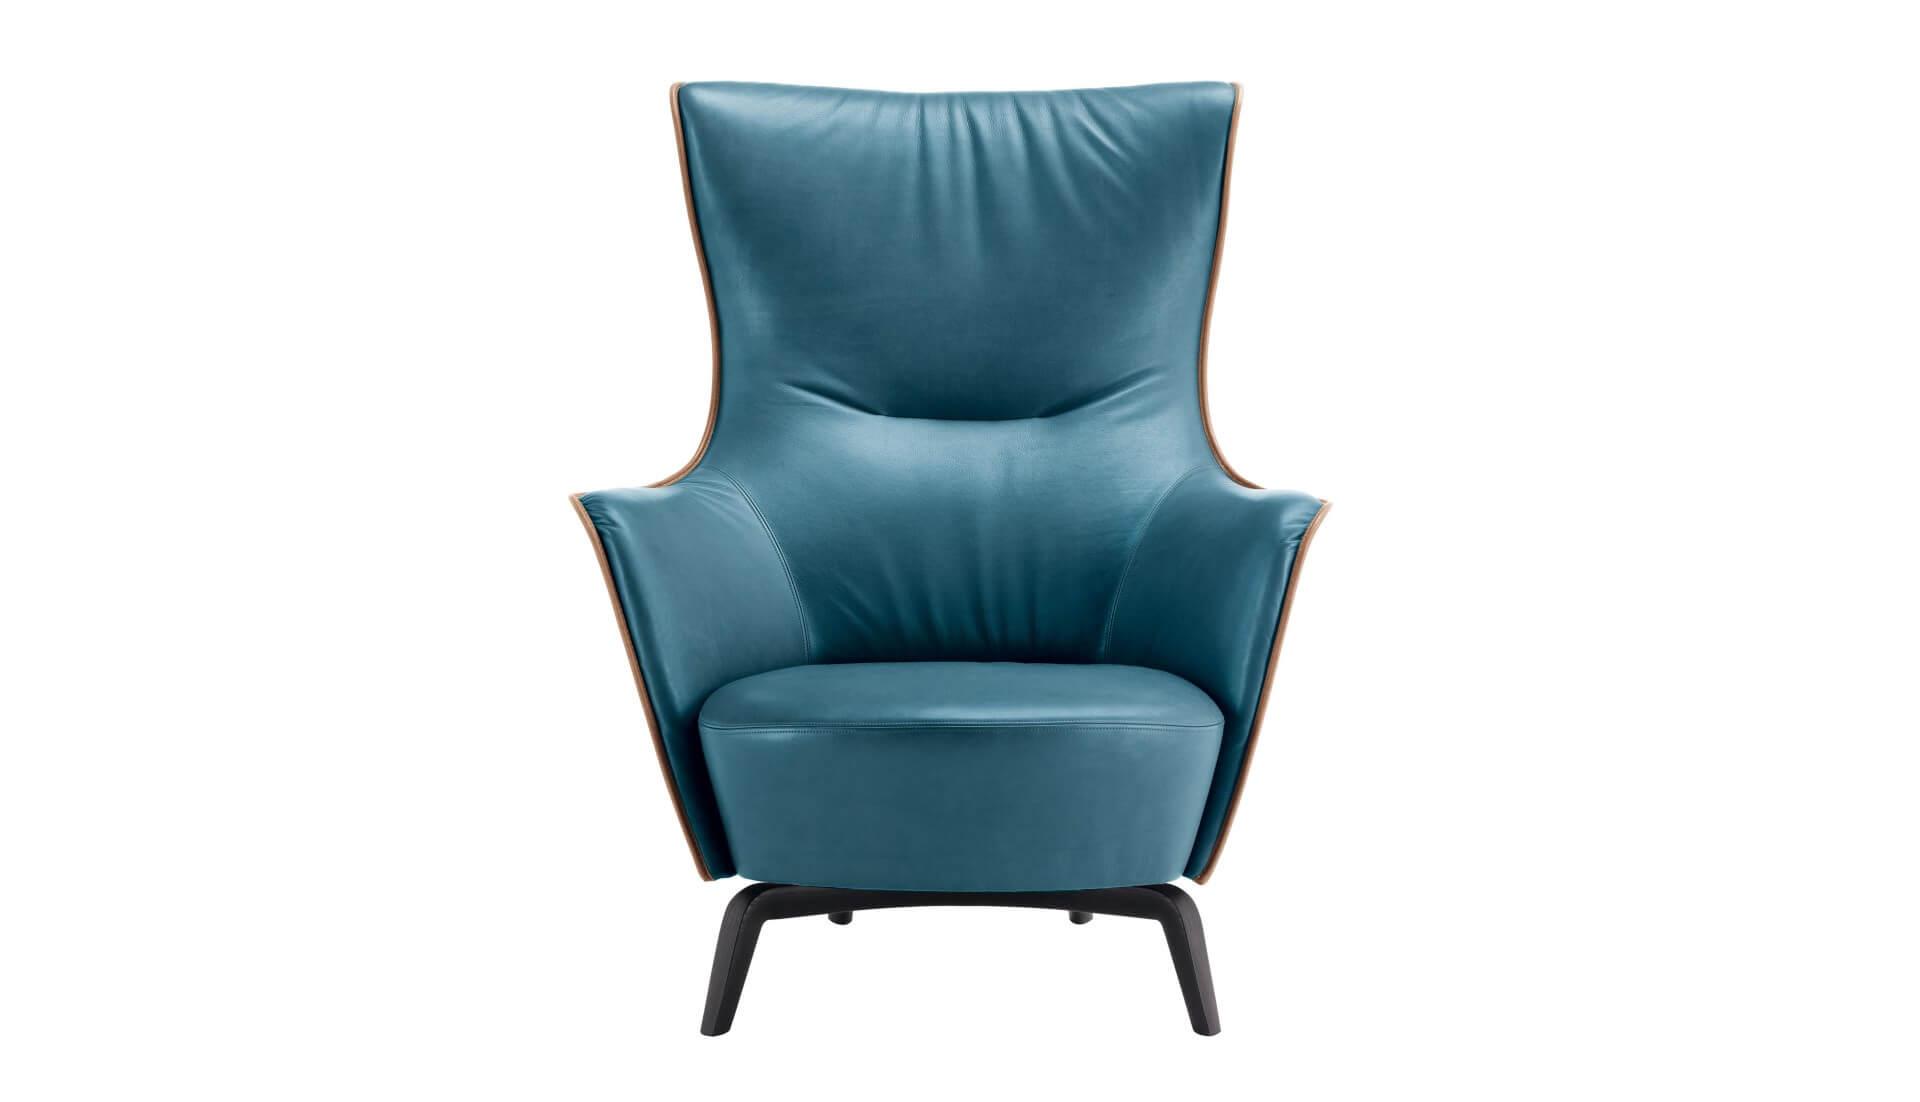 Poltrona Frau Mamy Blue Armchair